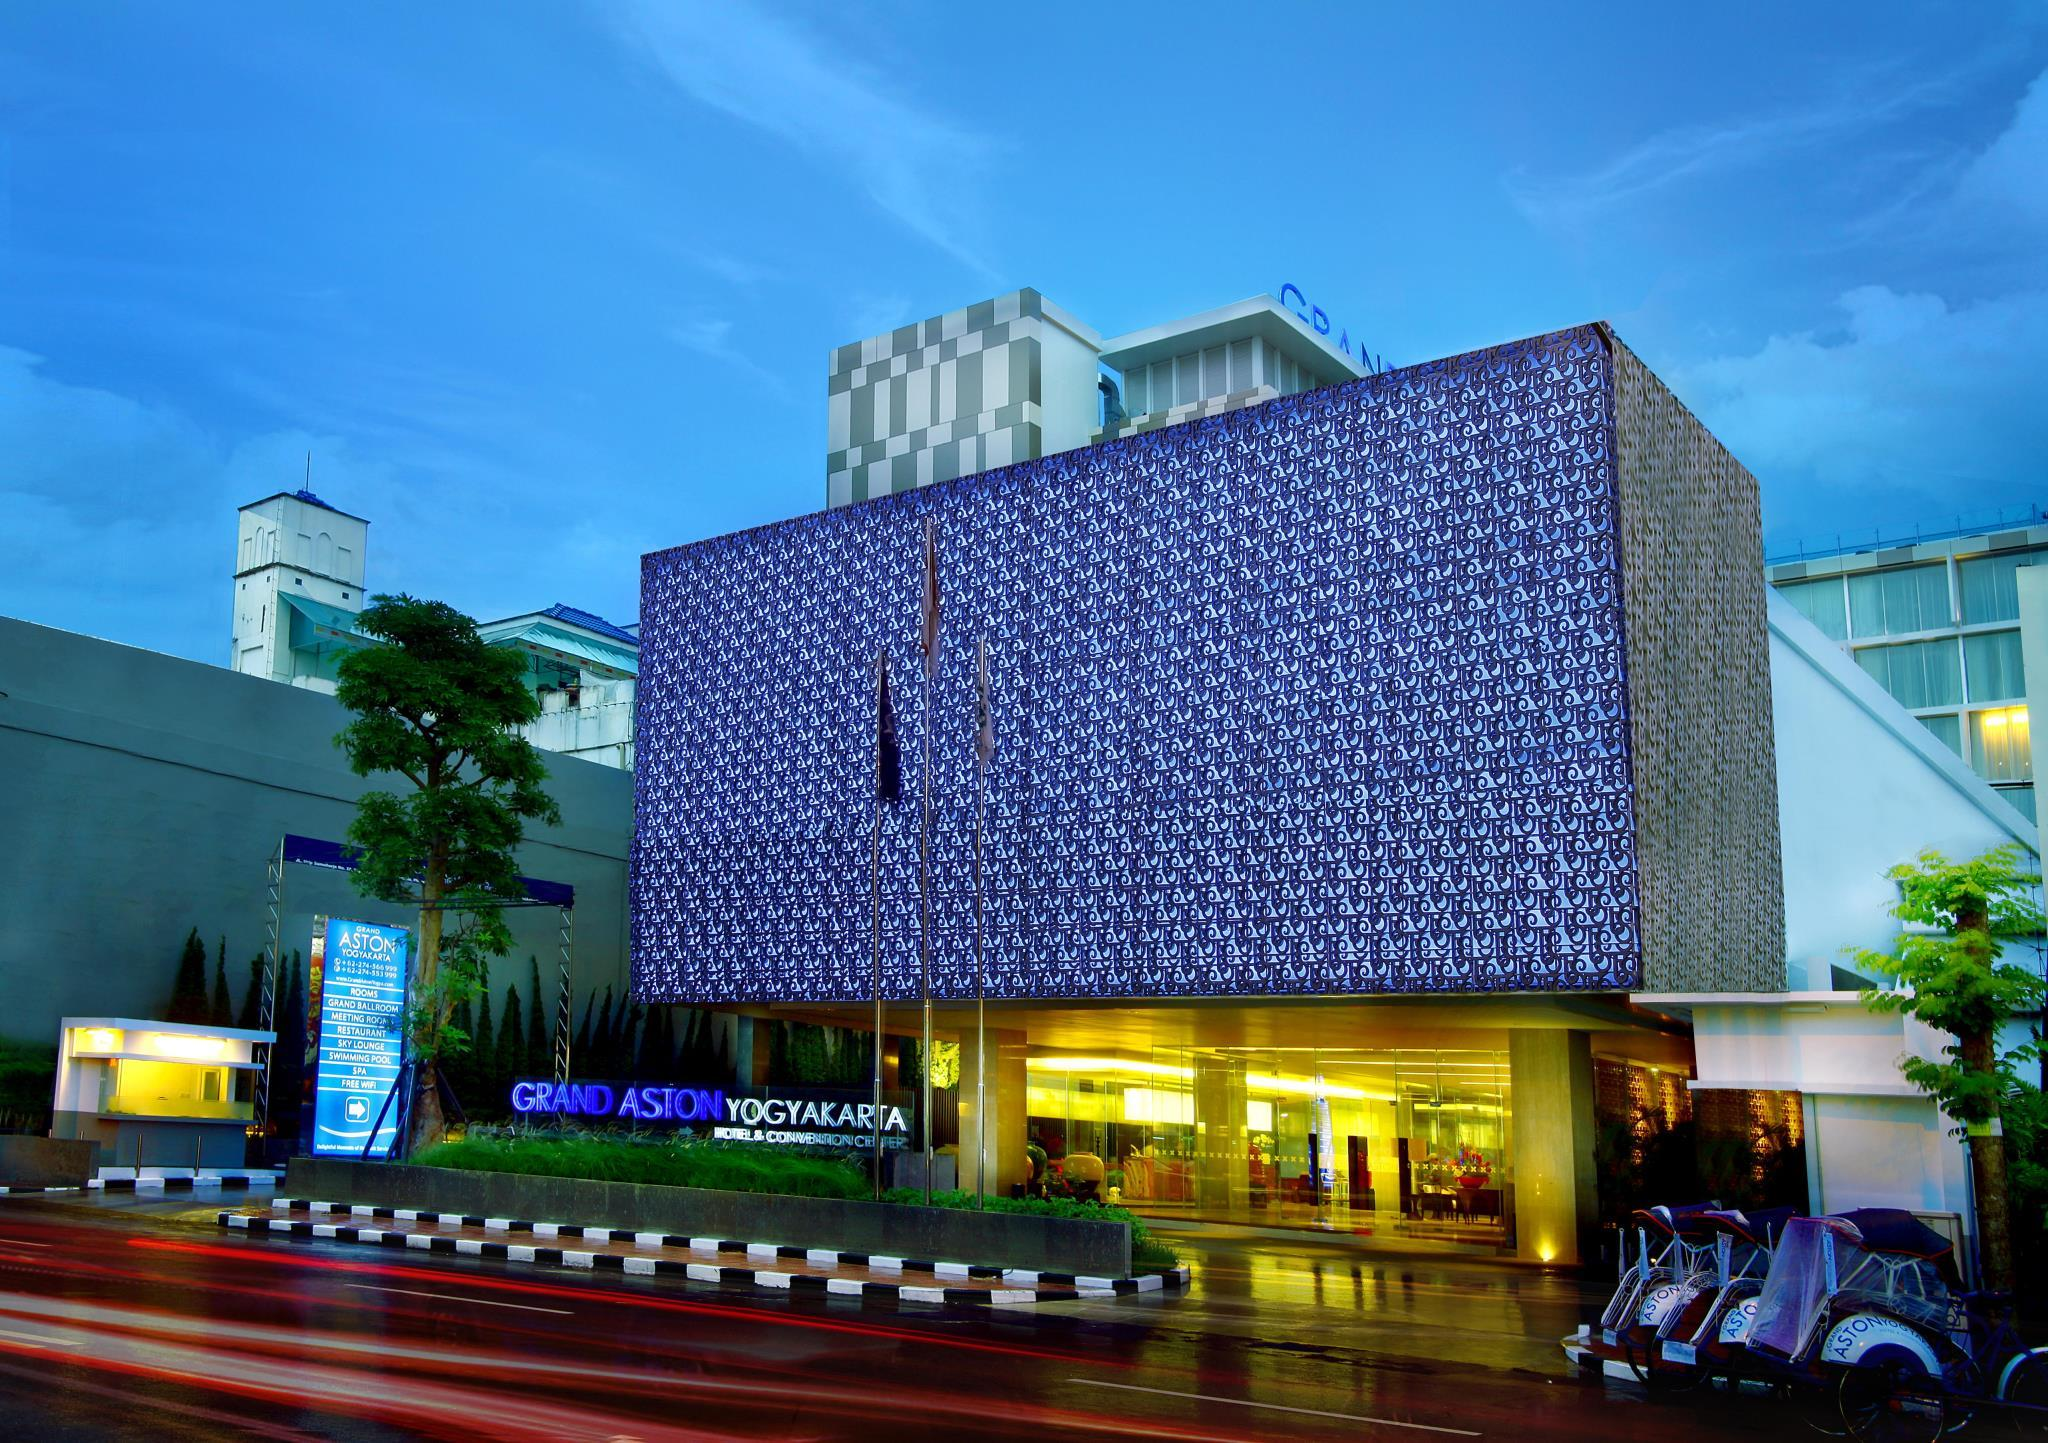 Grand Aston Yogyakarta